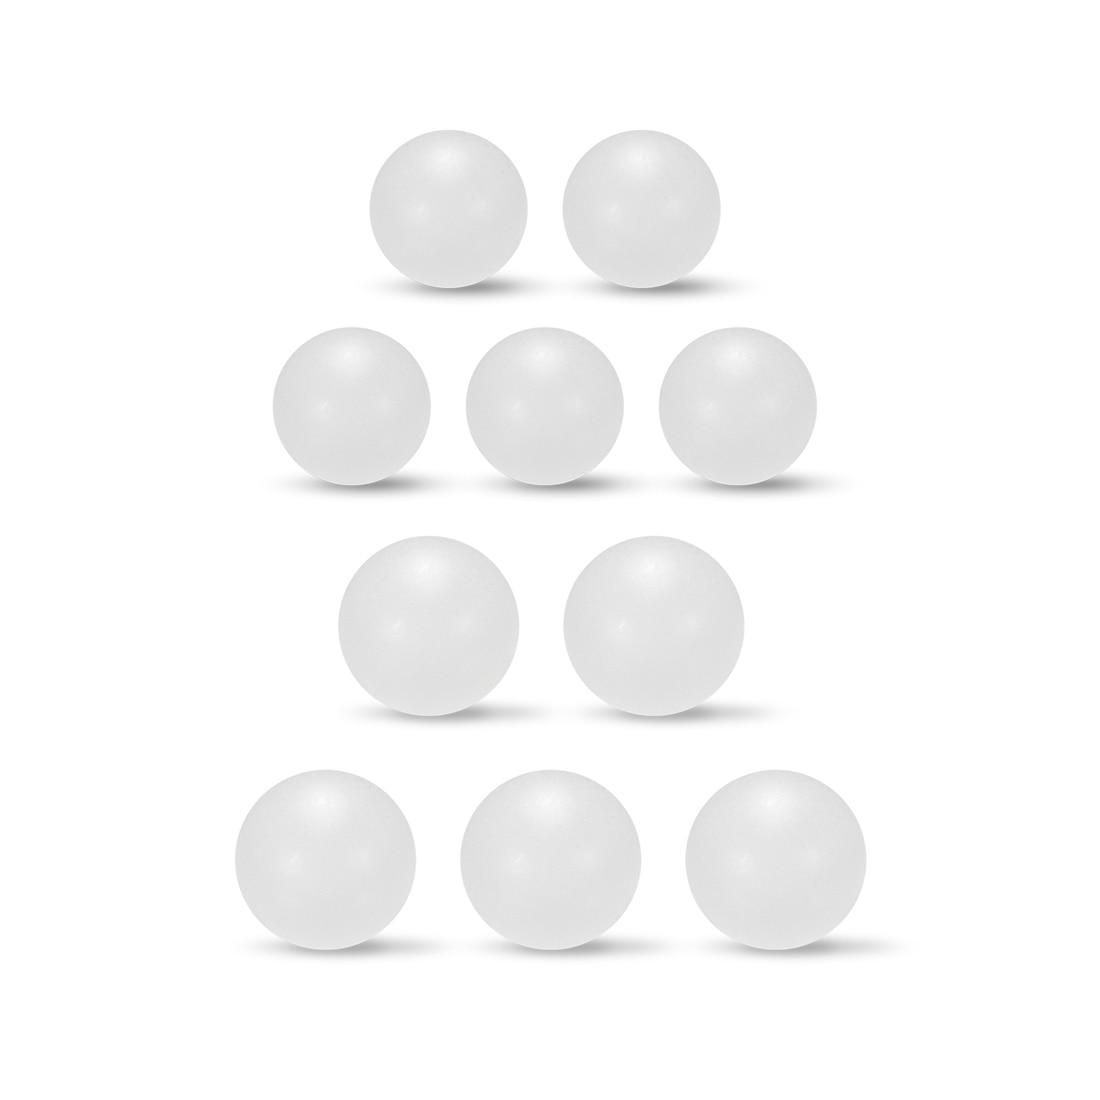 Uxcell 5-300pcs PP Solid Plastic Balls Precision Bearing Ball 2.5mm 3mm 4mm 5mm 7mm 8mm 10mm 11mm 12.5mm 18mm